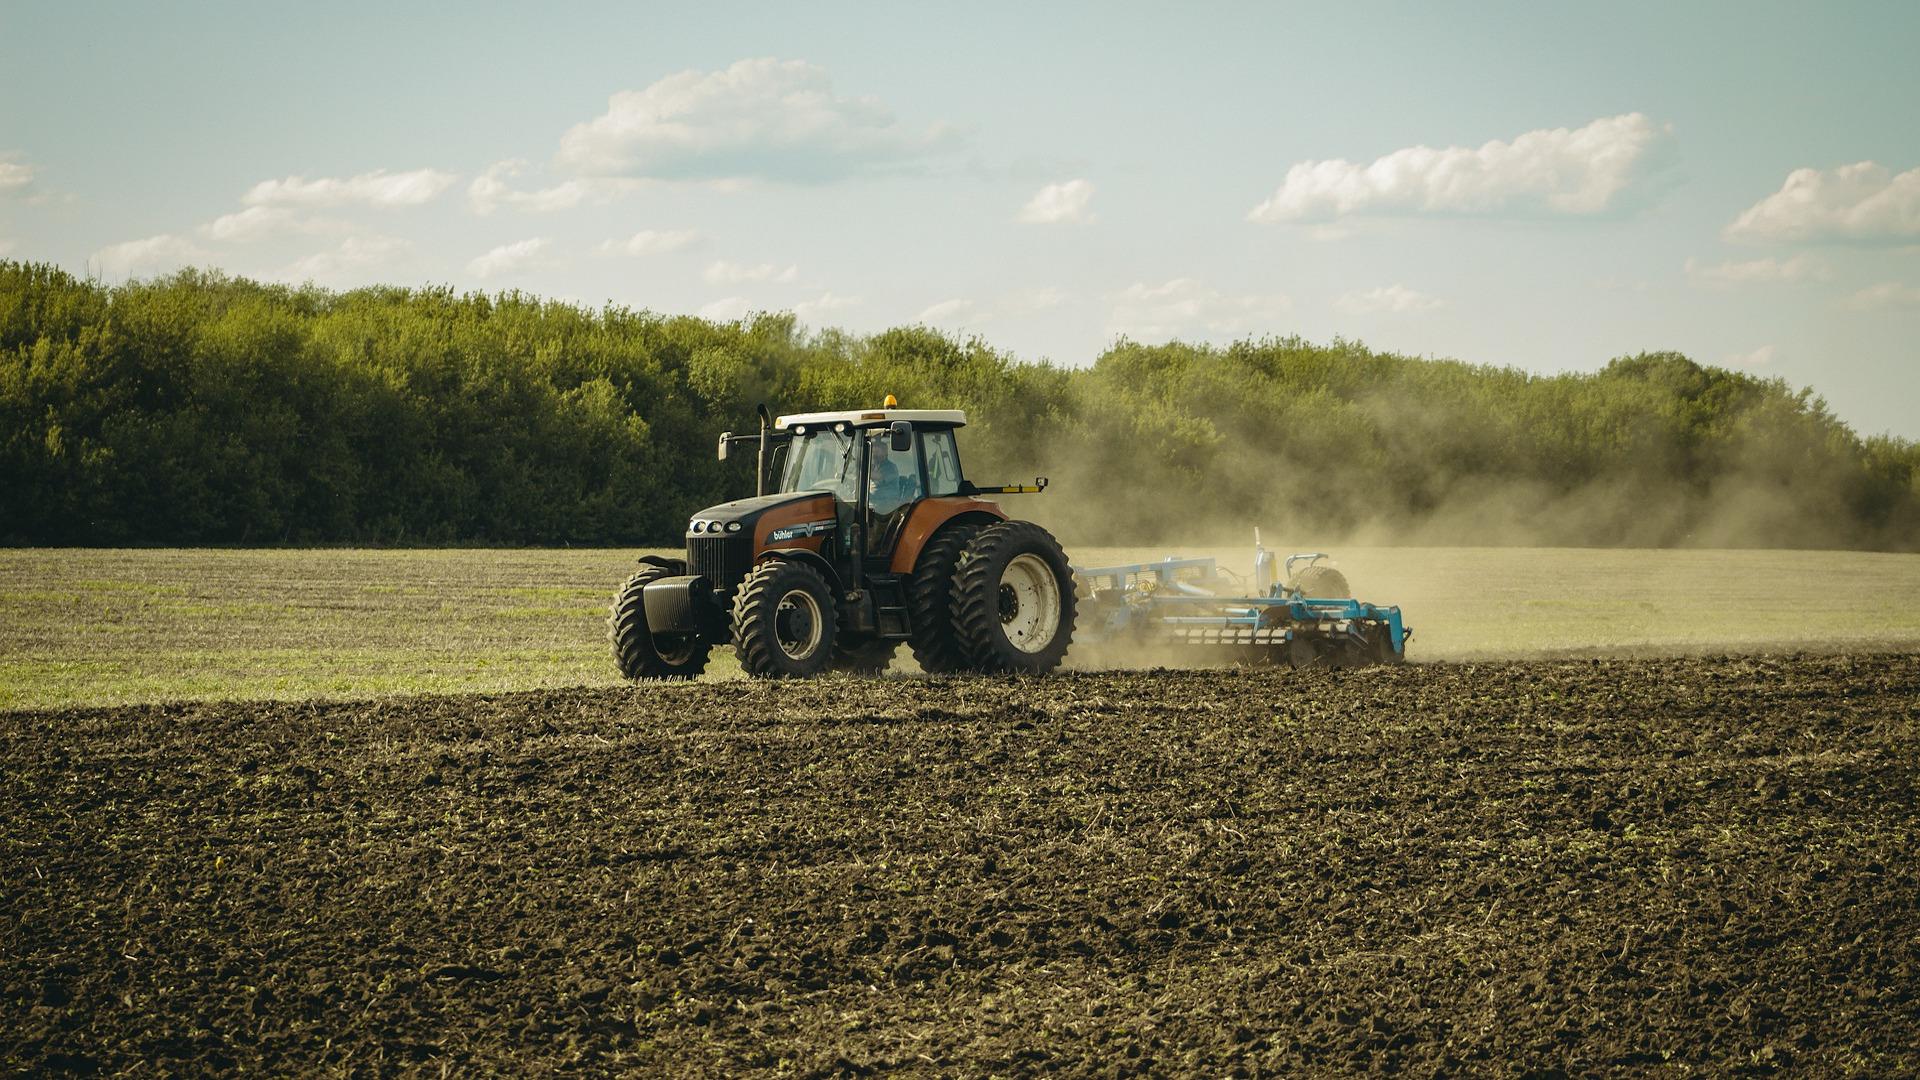 el-15-de-junio-se-abre-plazo-plan-renove-2021-maquinaria-agricola-1920